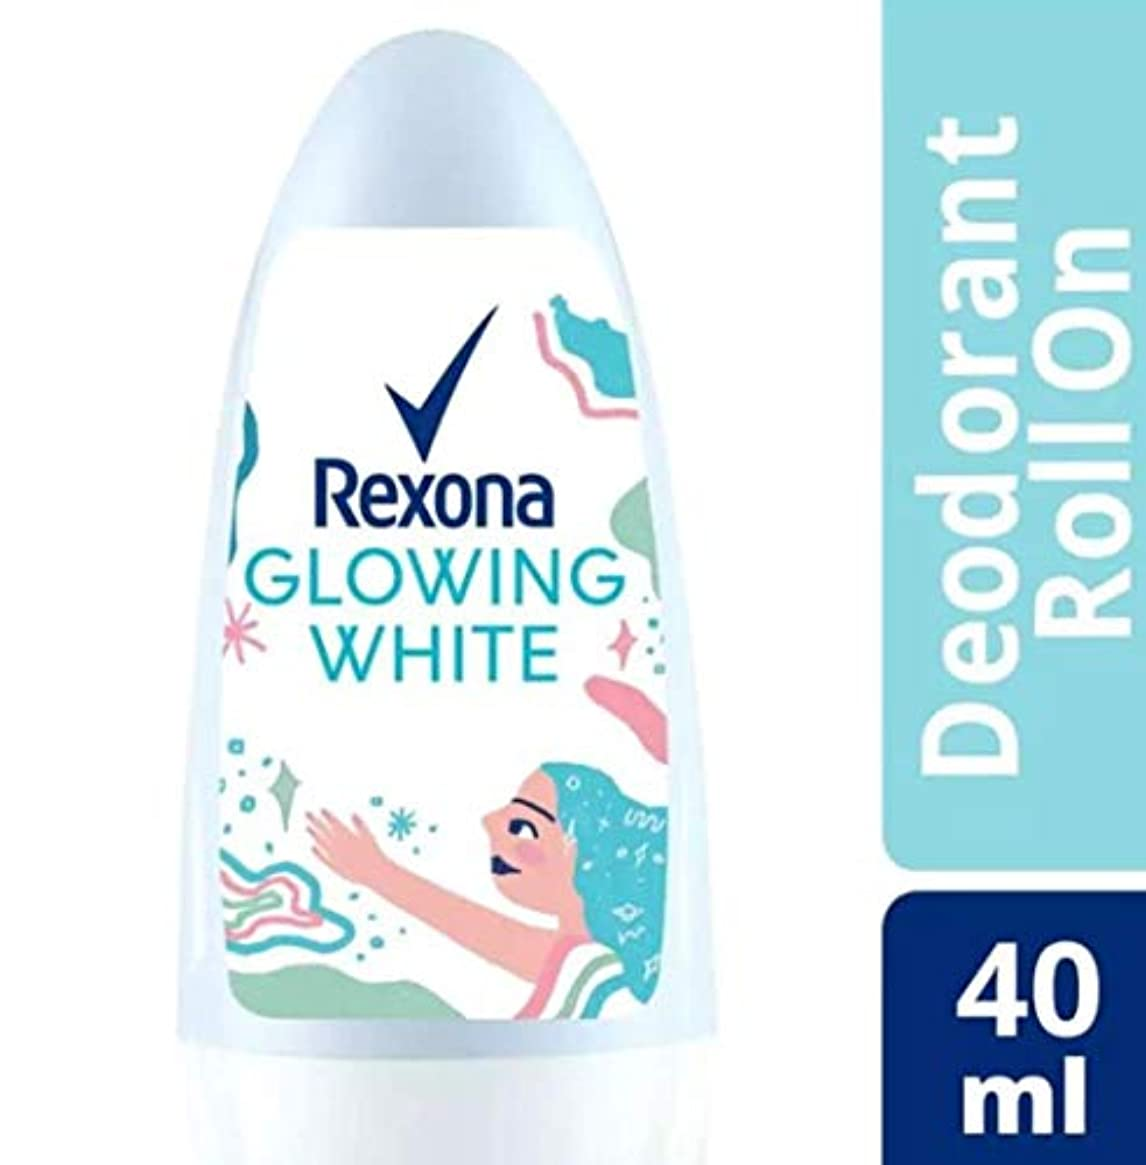 飛行機持つパスRexona レクソナ woman 制汗 デオドラント ロールオン GROWING WHITE【アルコール 0%】 ソフトなバラの香り 40ml [並行輸入品]